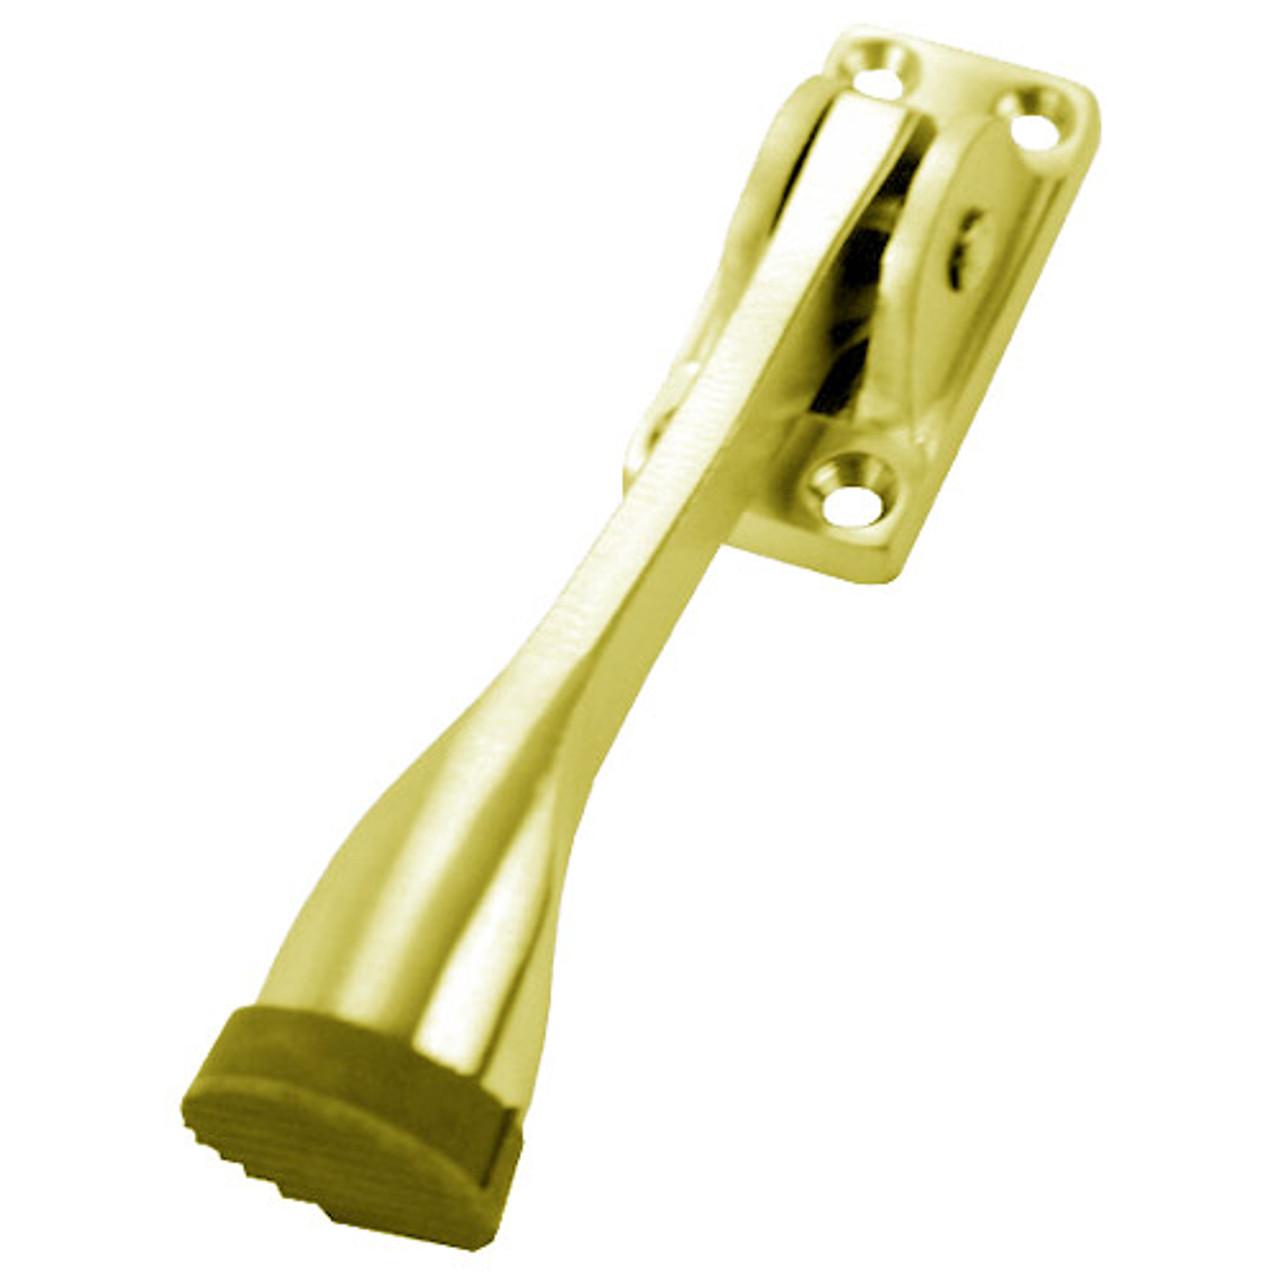 1465-605 Don Jo Door Holder in Bright Brass Finish